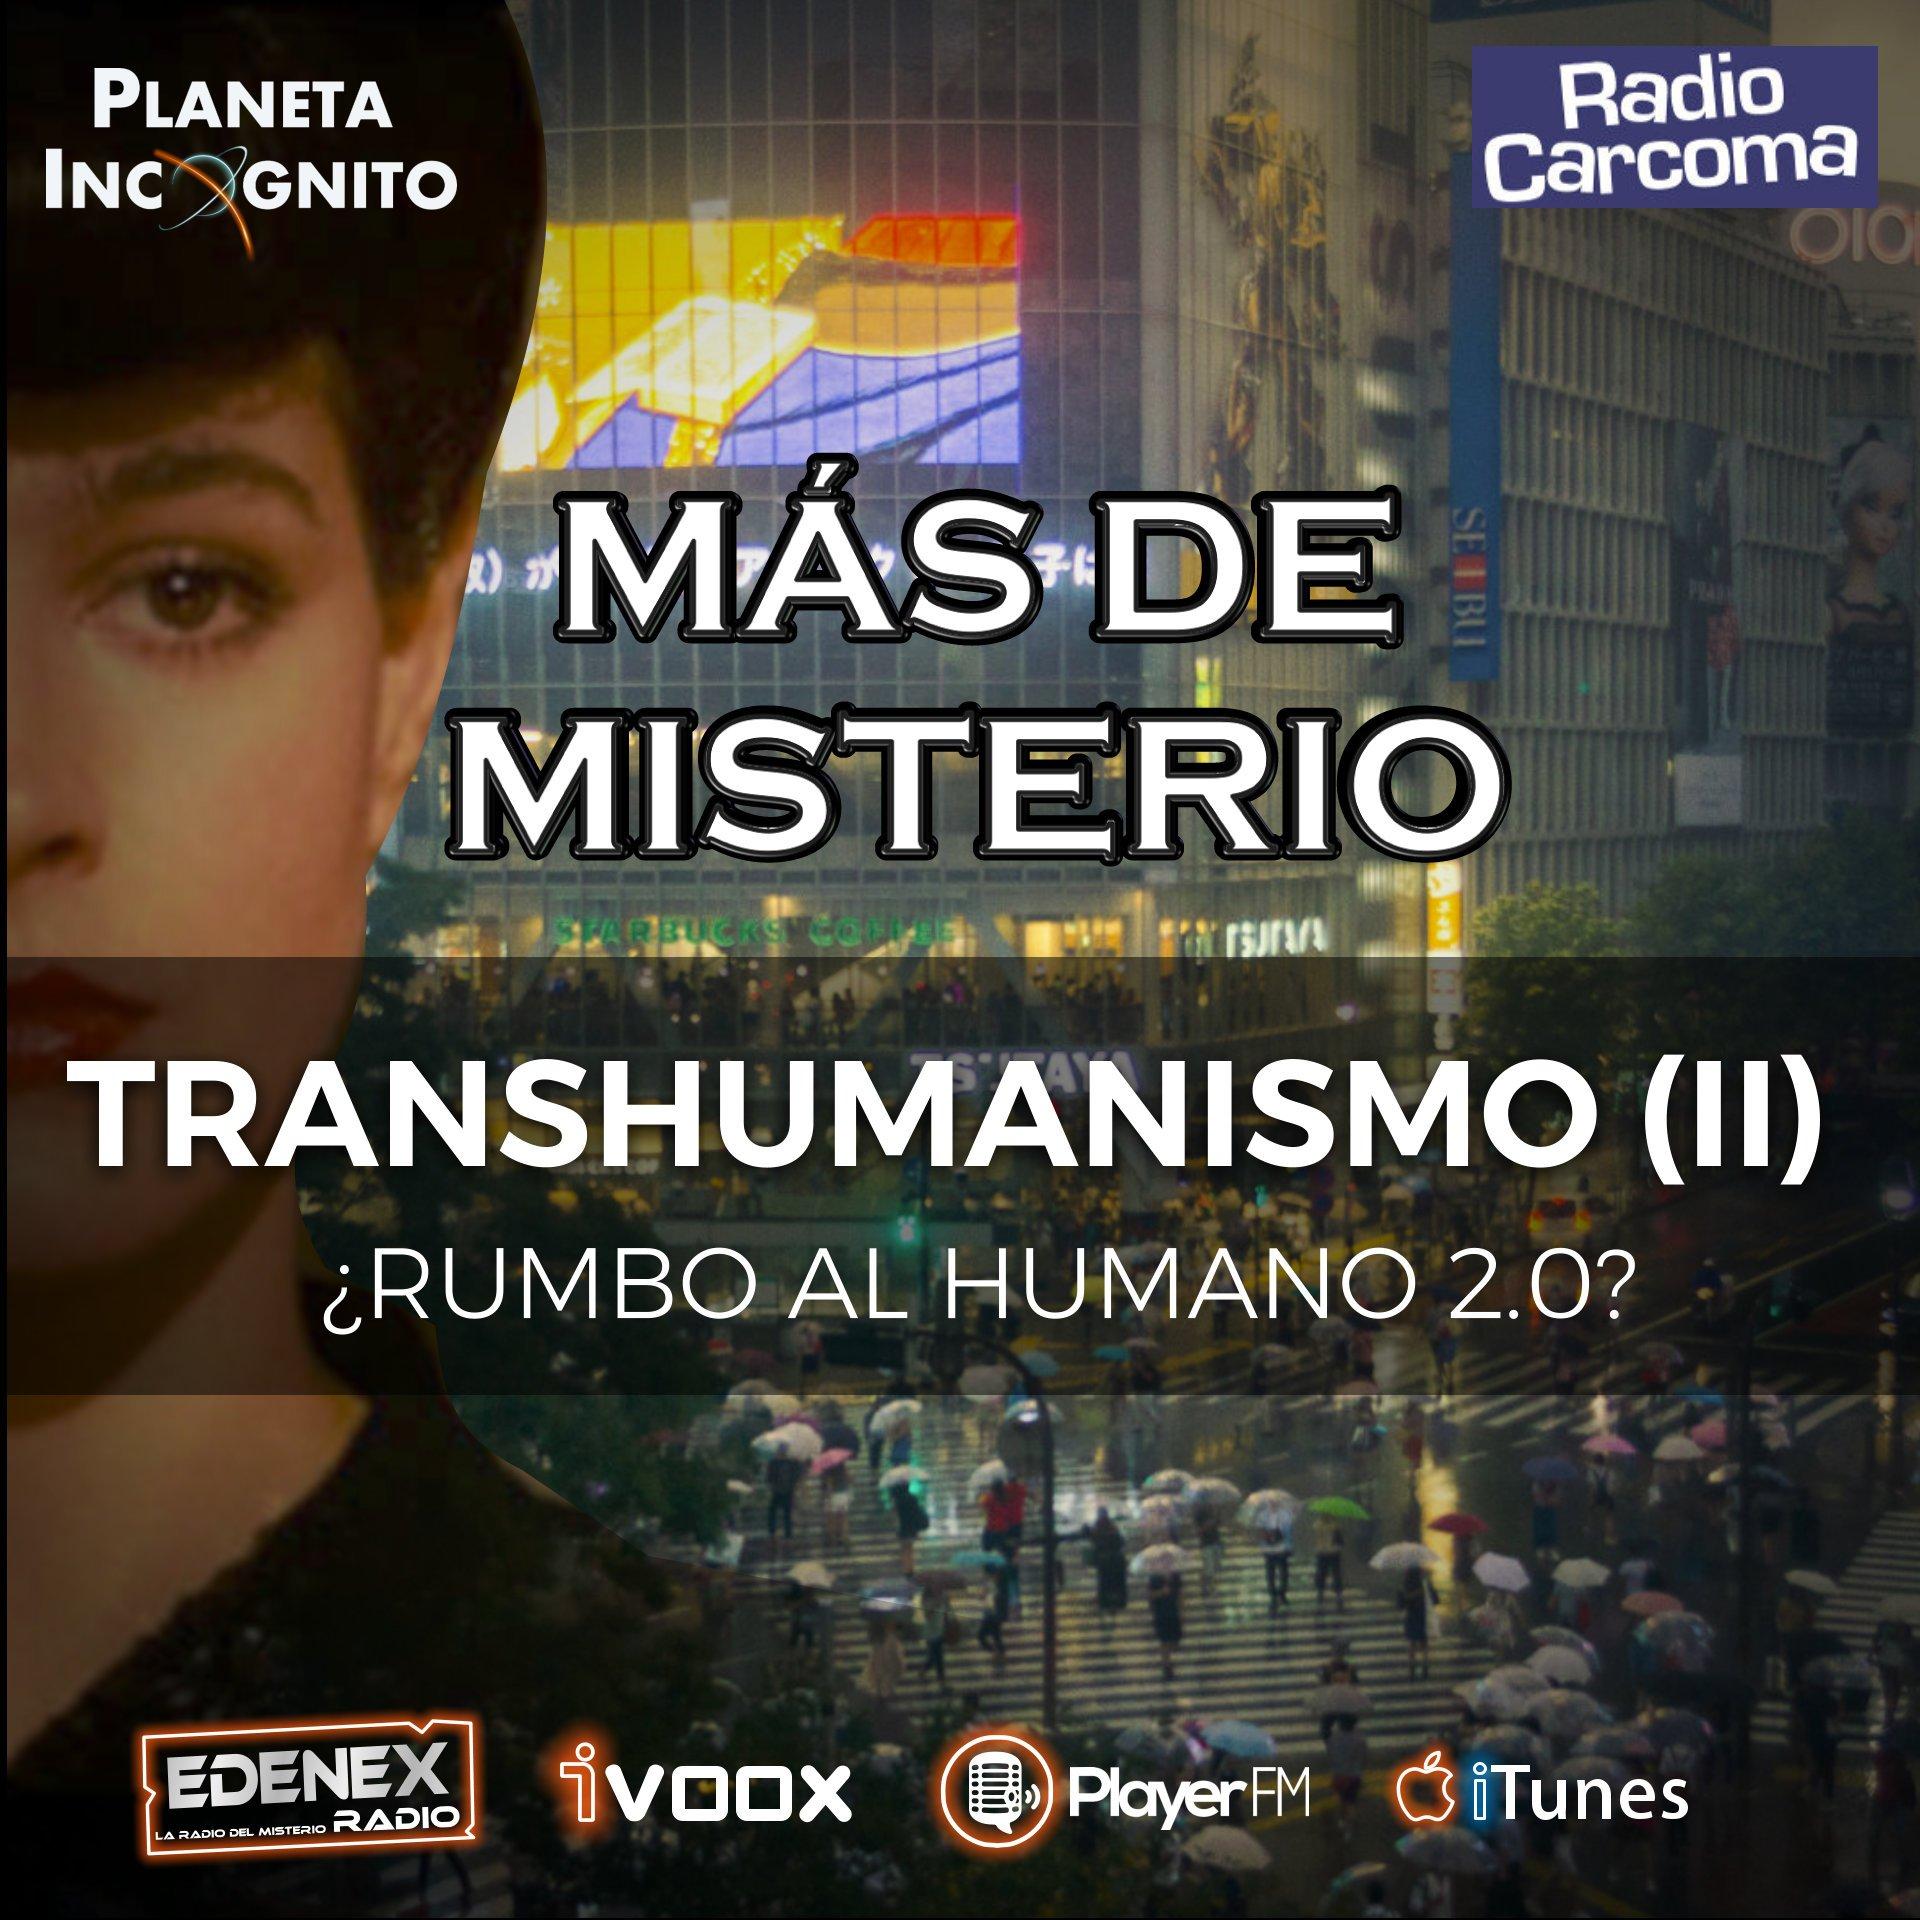 5x03 MÁS DE MISTERIO - TRANSHUMANISMO 2- ¿Rumbo al humano 2.0? 1